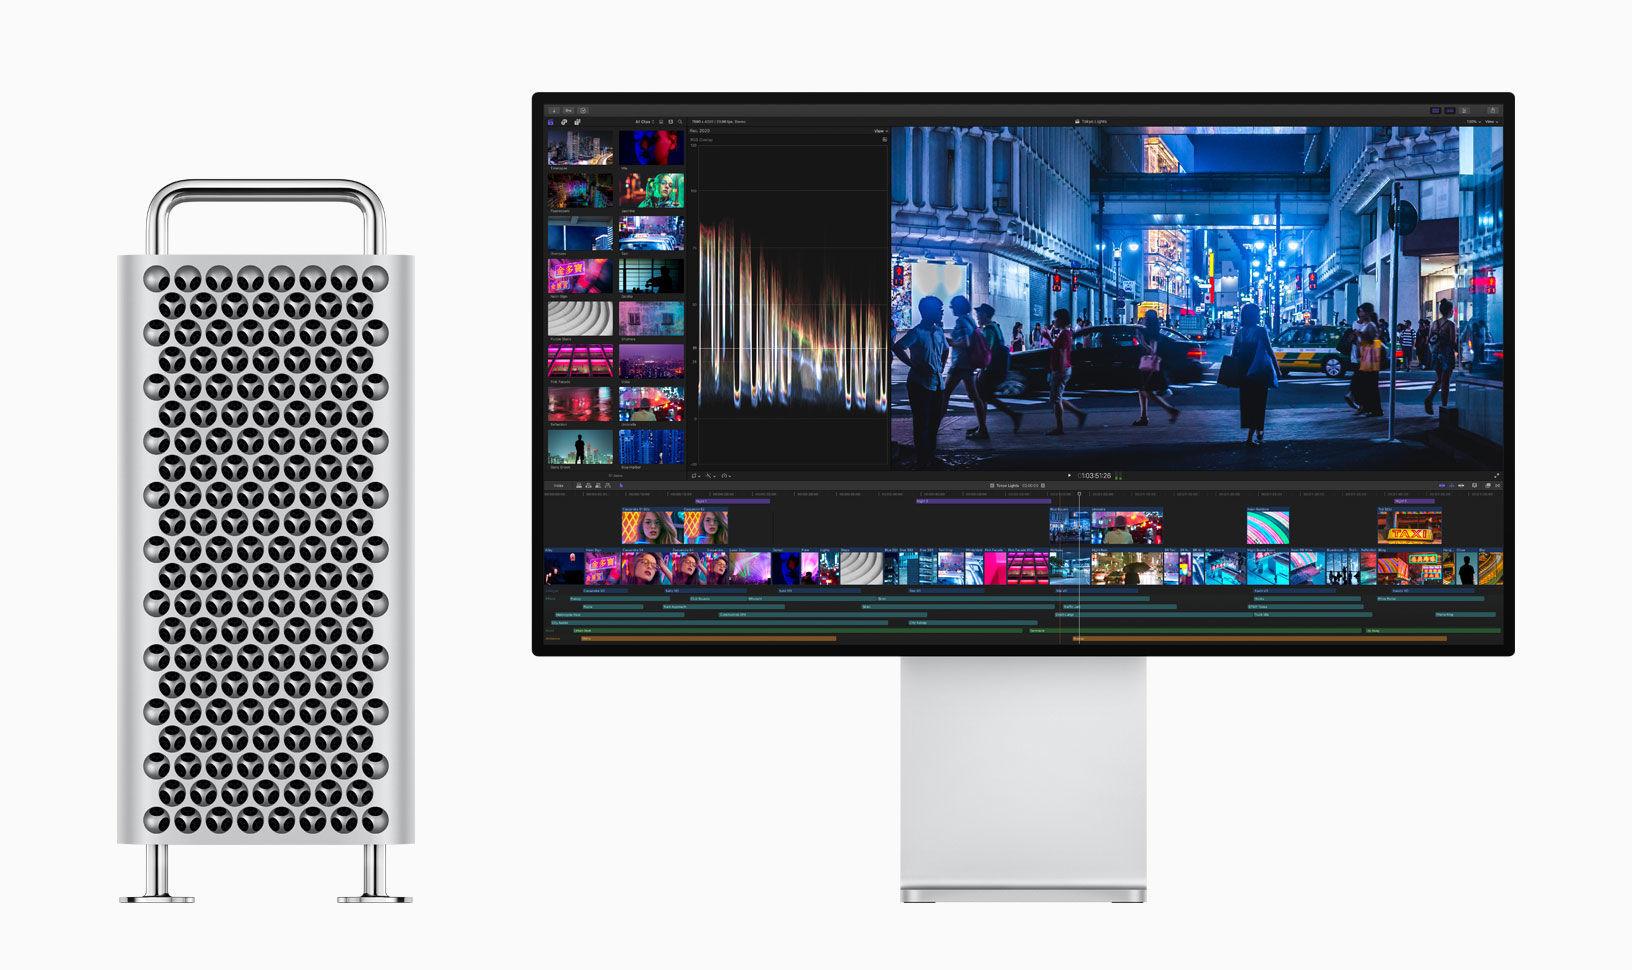 全新Mac Pro登场,像萝卜擦的性能怪兽